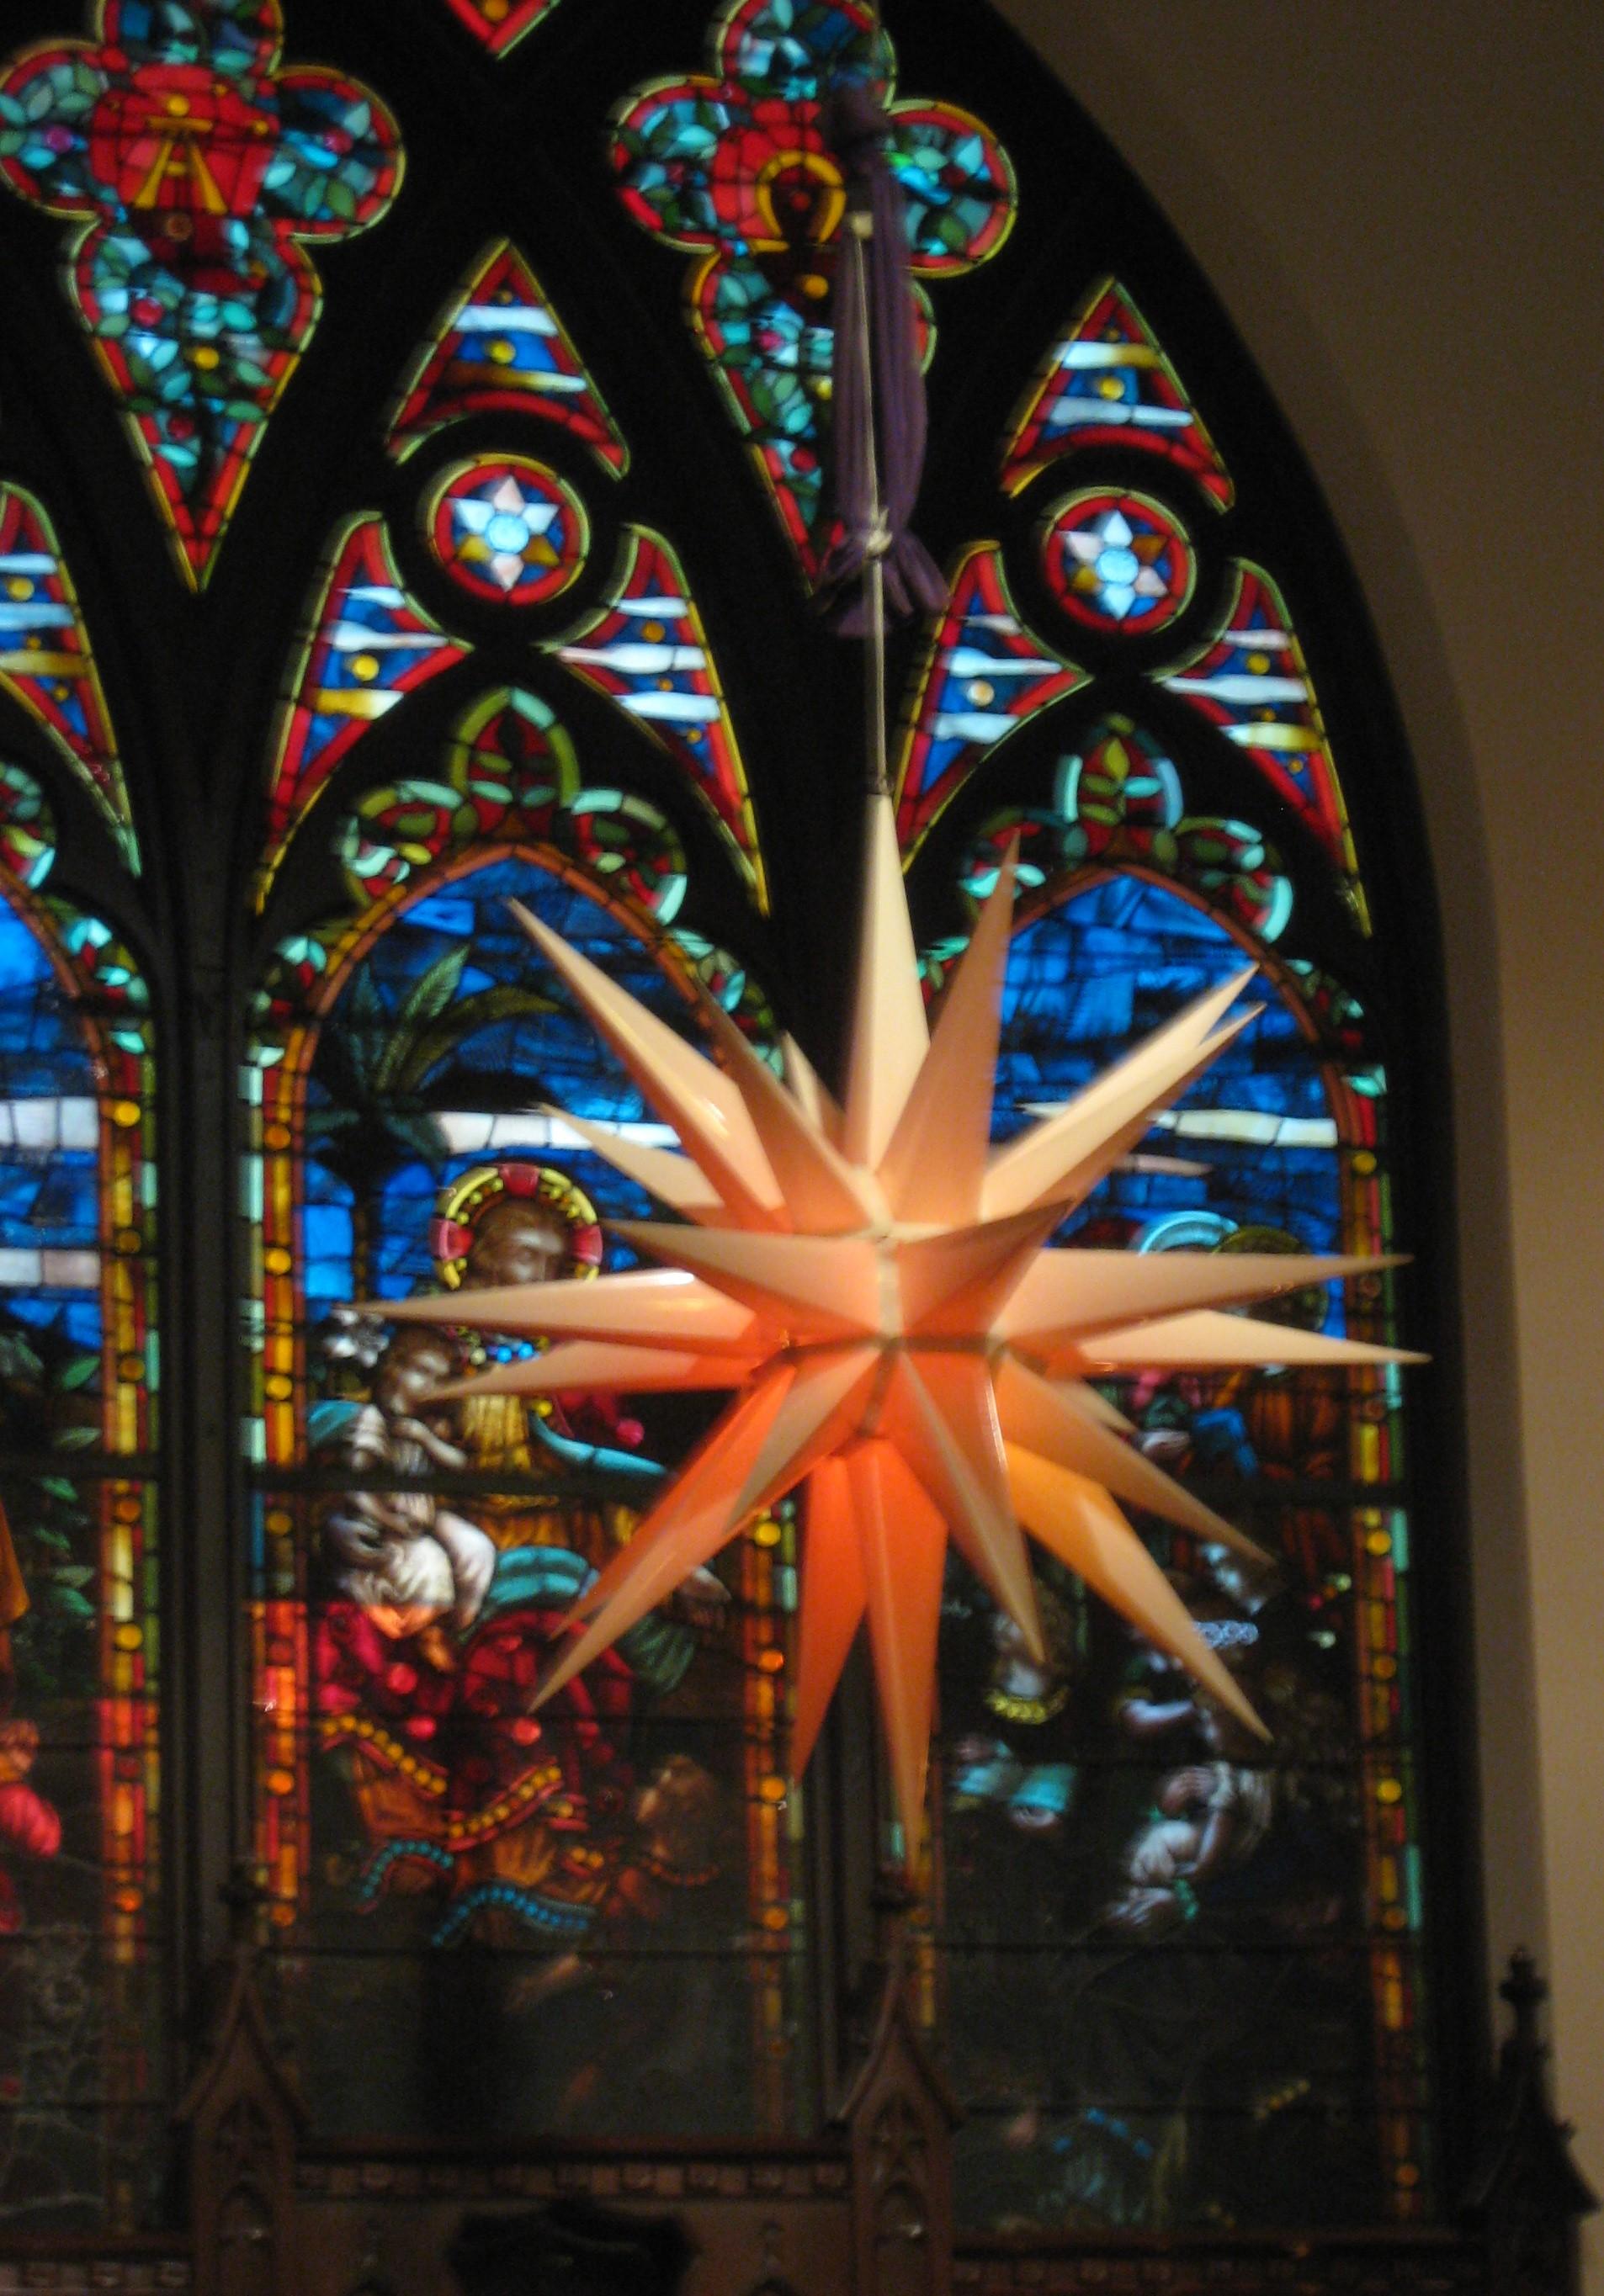 St. John's star